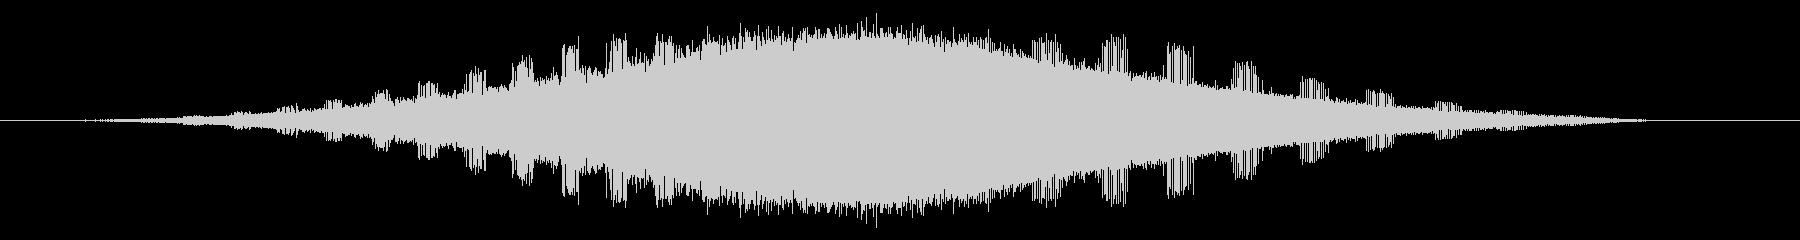 GB レースゲーム01-01(通過) の未再生の波形